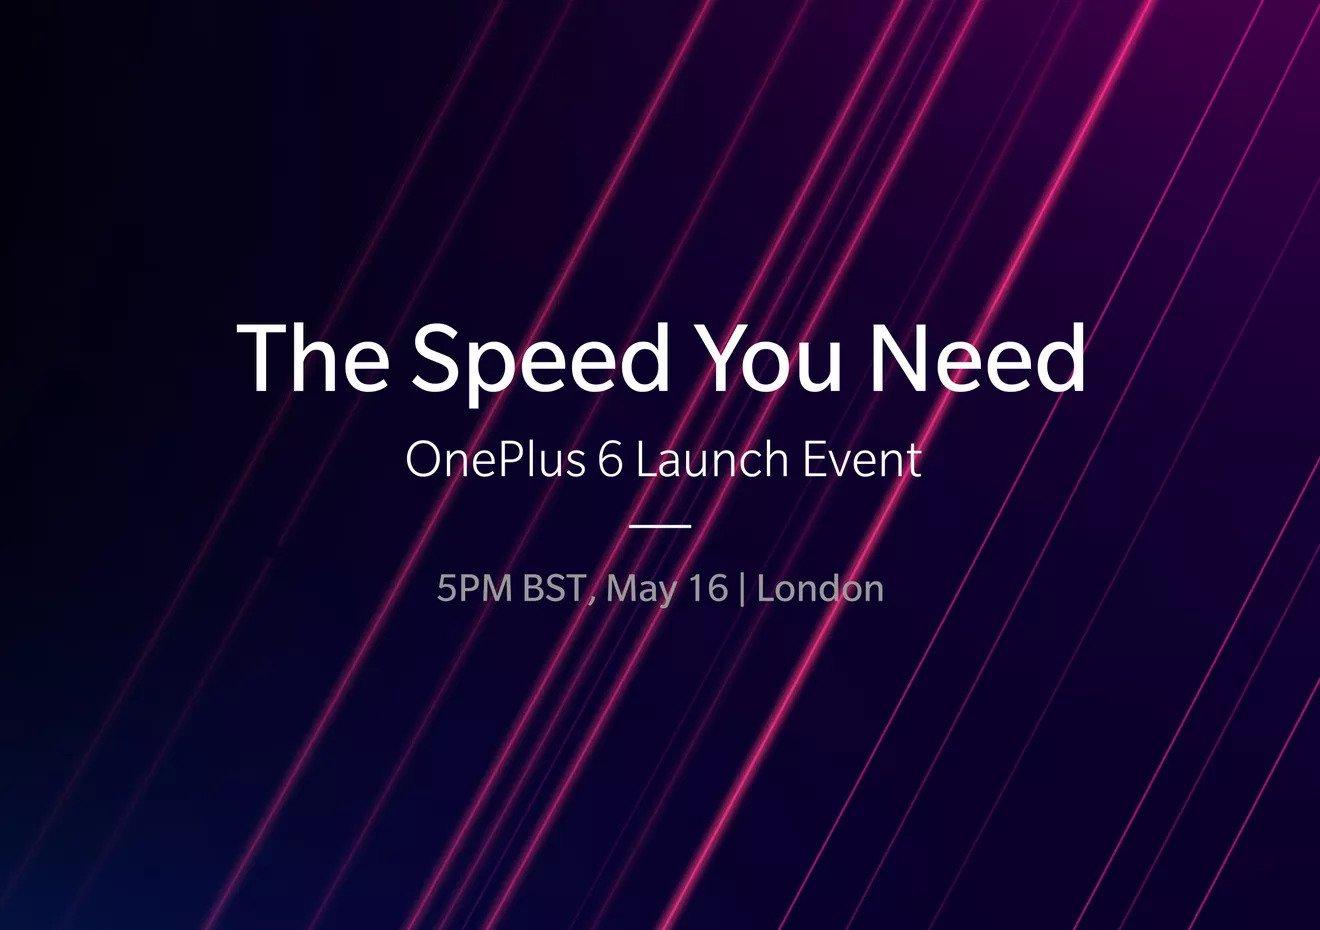 evento oneplus 6